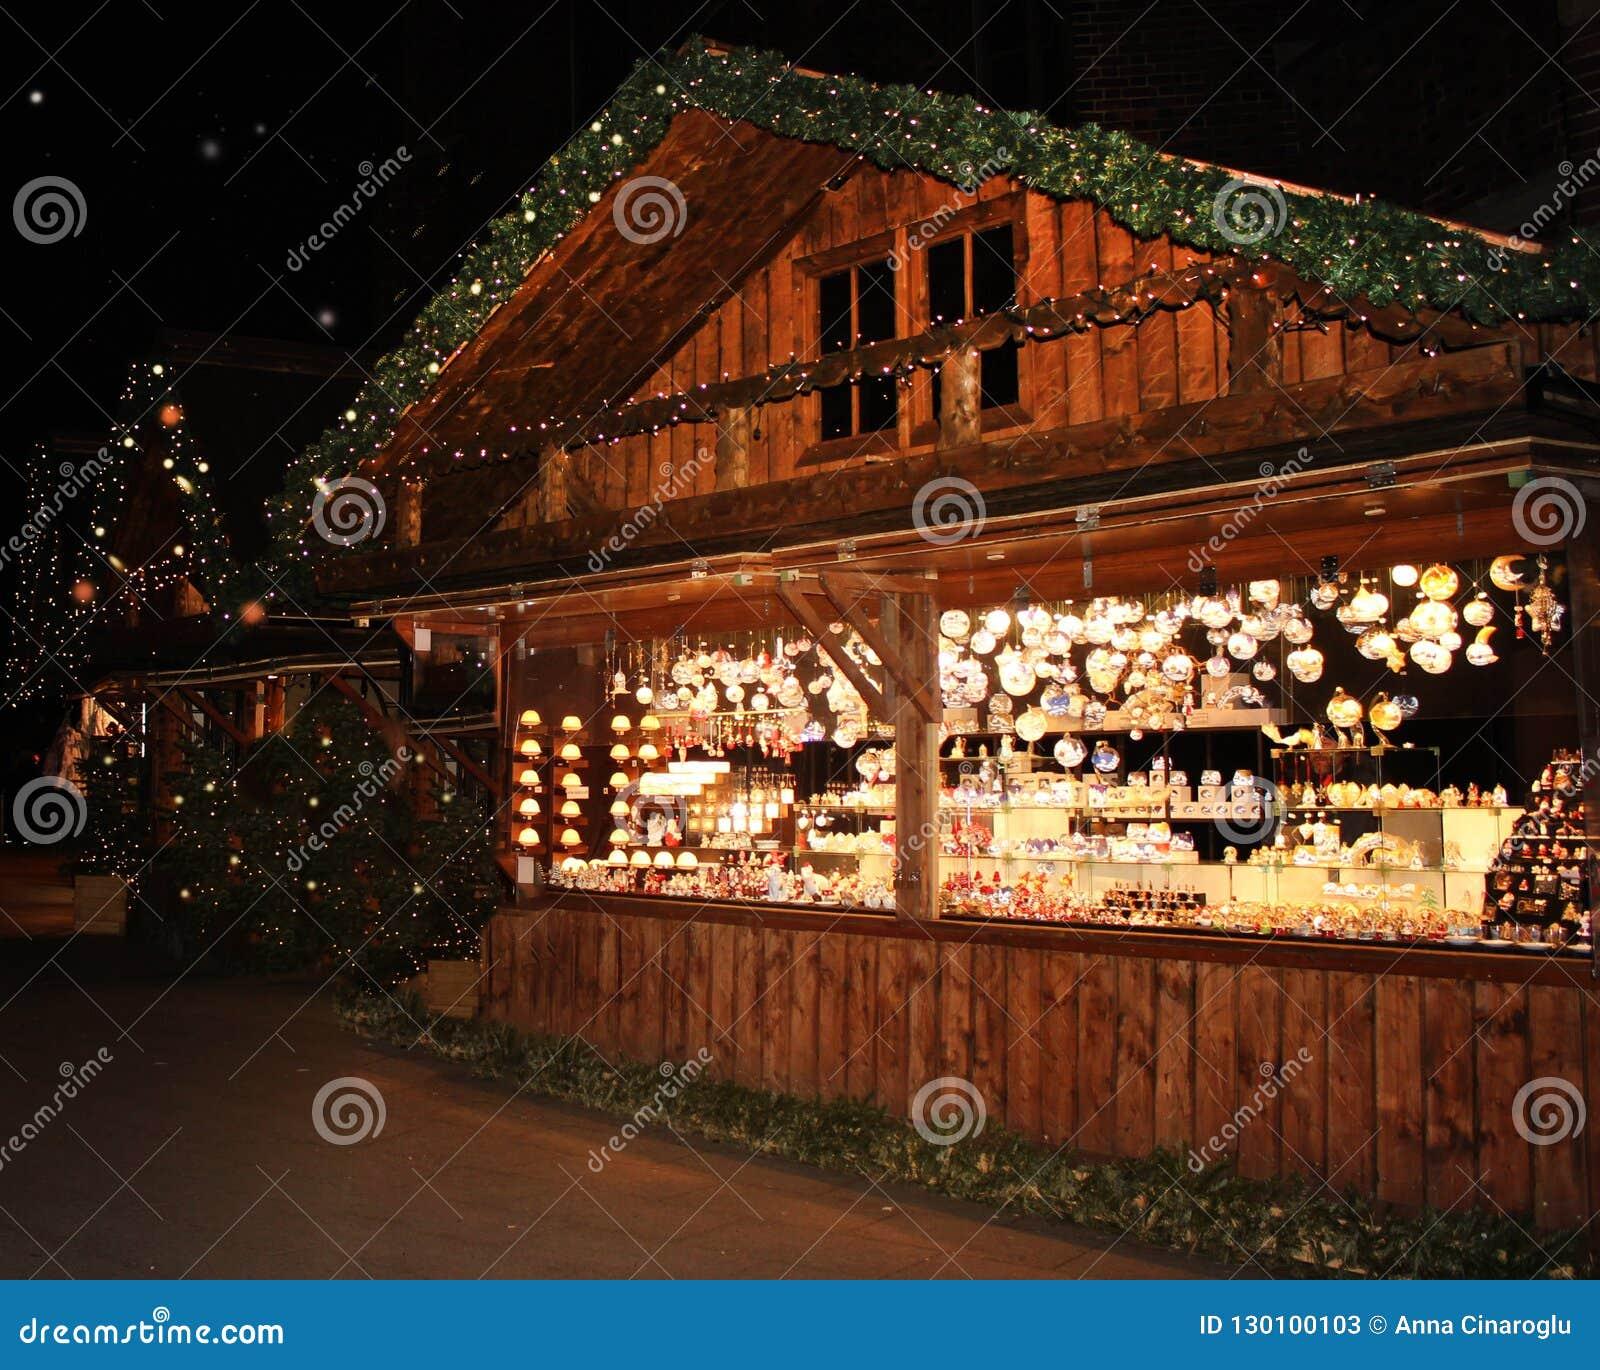 Mulled Wine Christmas Market.Illuminated Christmas Market Fair Kiosk Sale Of Mulled Wine